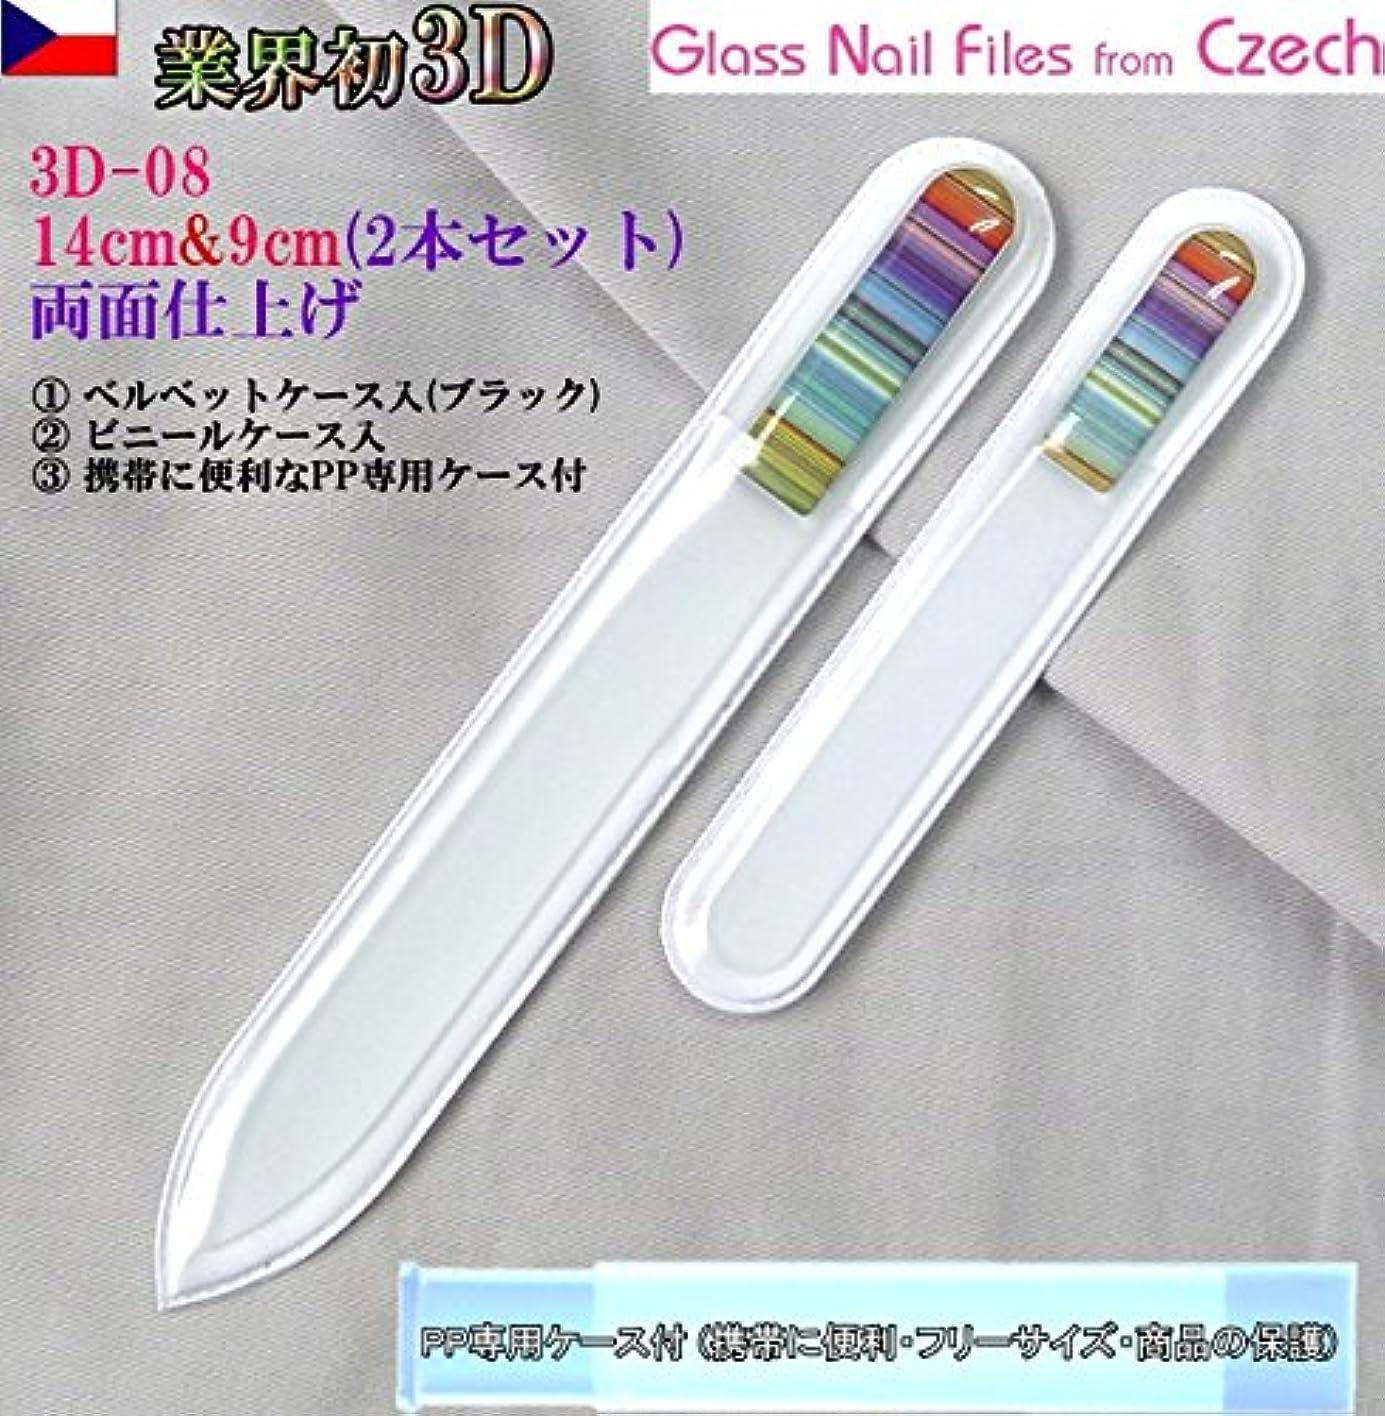 位置づける暴力的な意味BISON 3D チェコ製ガラス爪ヤスリ 2Pセット M08&S08各両面仕上げ ?専用ケース付